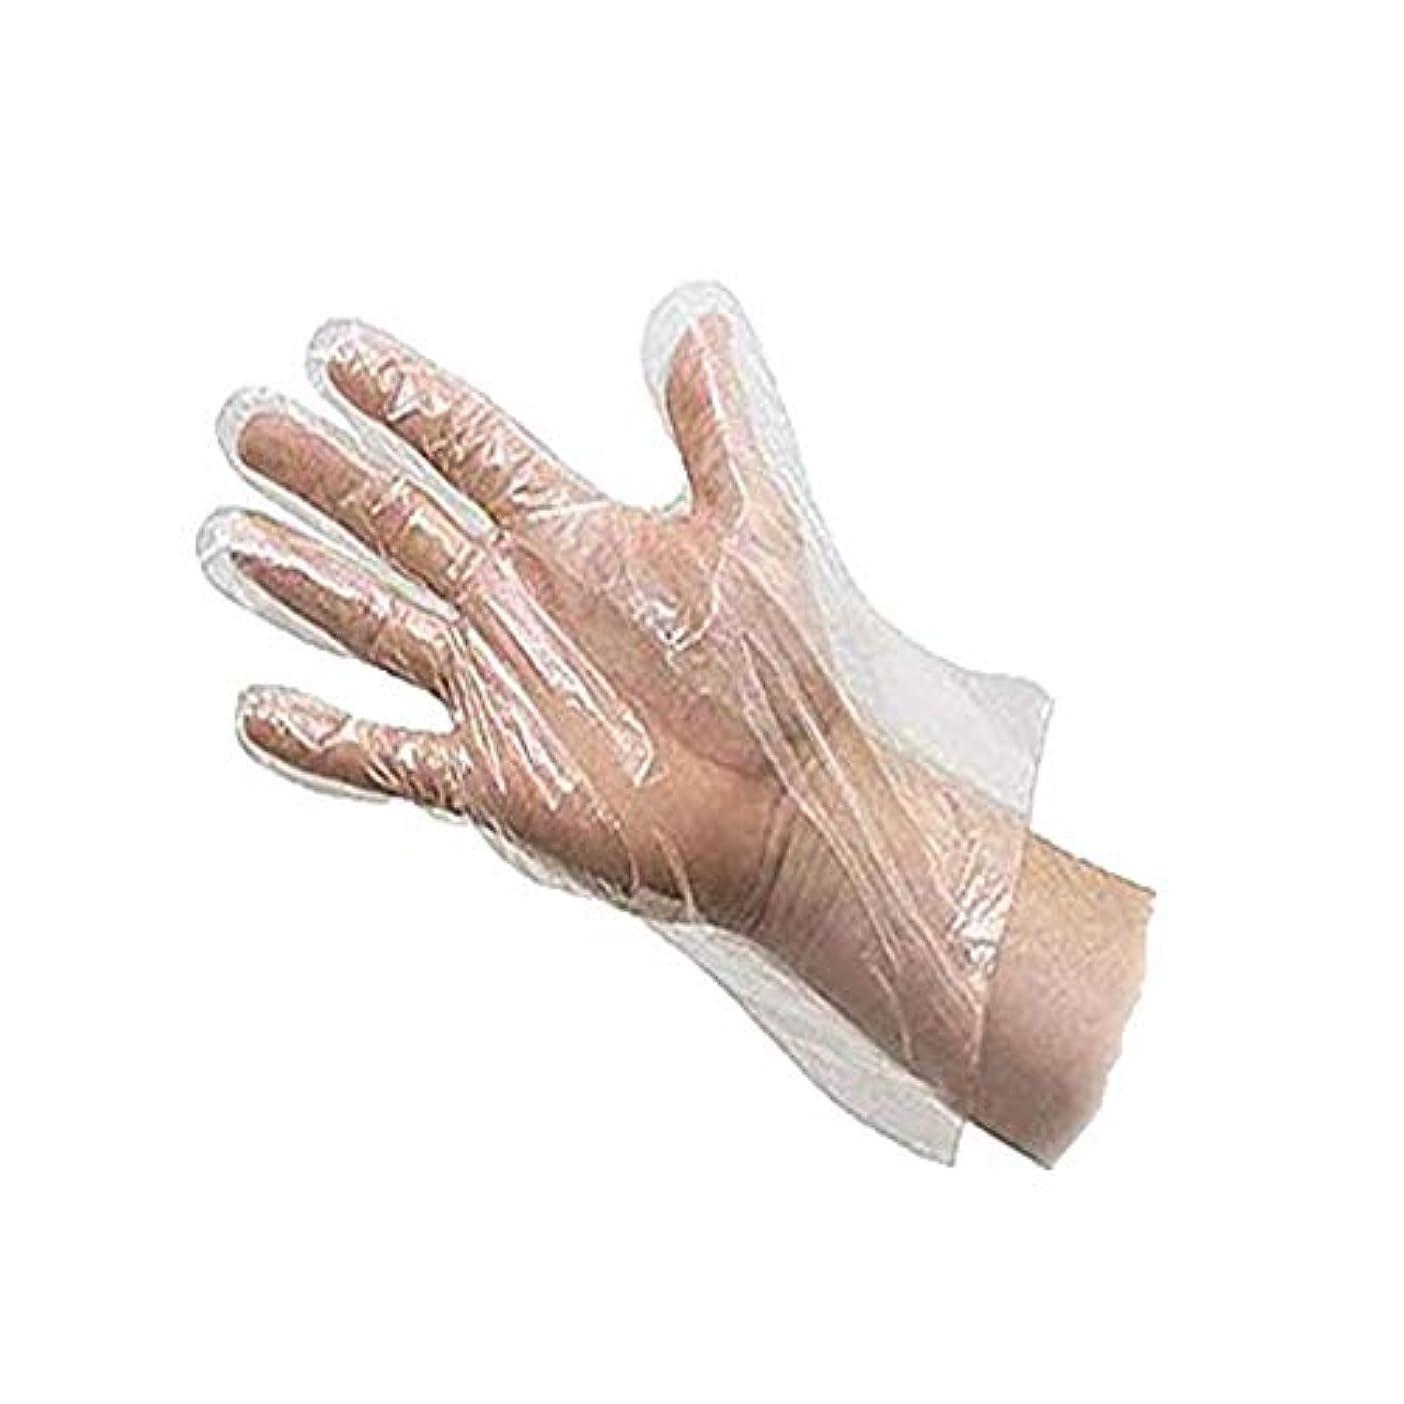 疑わしい悲惨統治可能Outflower 使い捨て手袋 調理用 食品 プラスチック ホワイト 粉なし 食品衛生 透明 左右兼用 薄型 ビニール極薄手袋 100枚入り